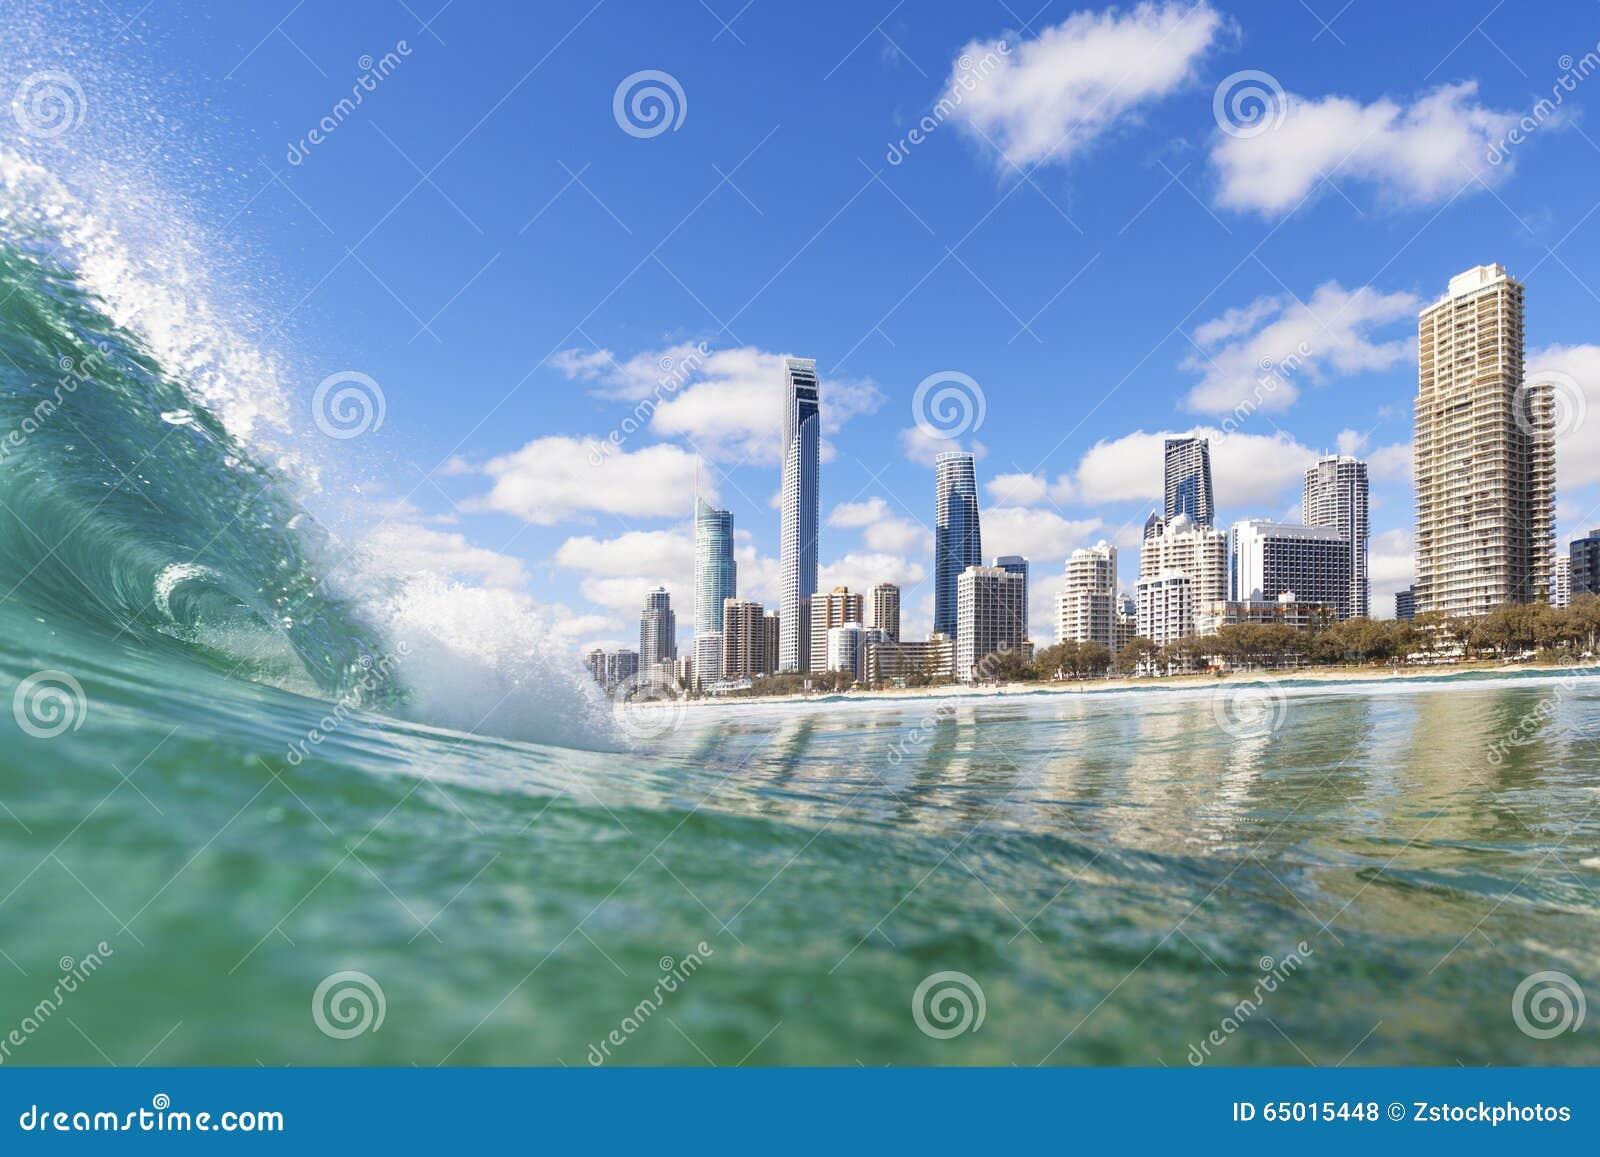 Μπλε κύματα που κυλούν στην παραλία παραδείσου Surfers